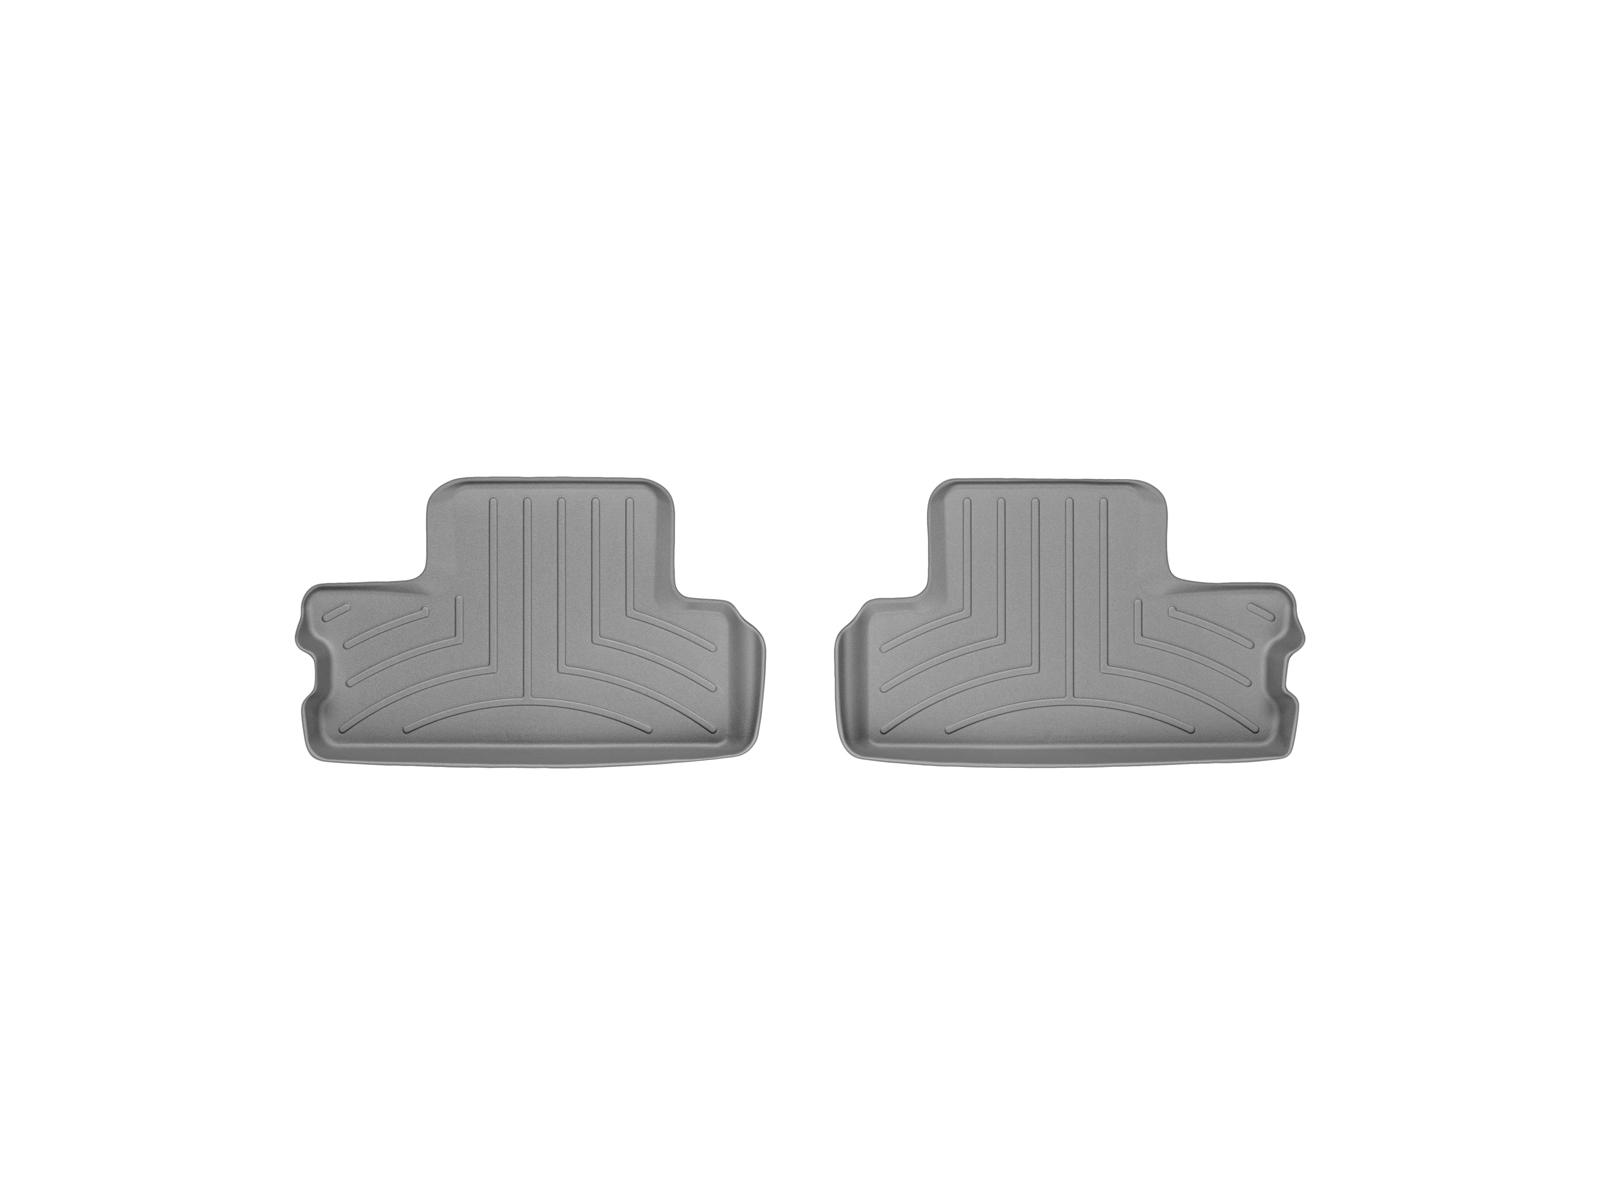 Tappeti gomma su misura bordo alto MINI Cooper / Cooper S 02>13 Grigio A2668*